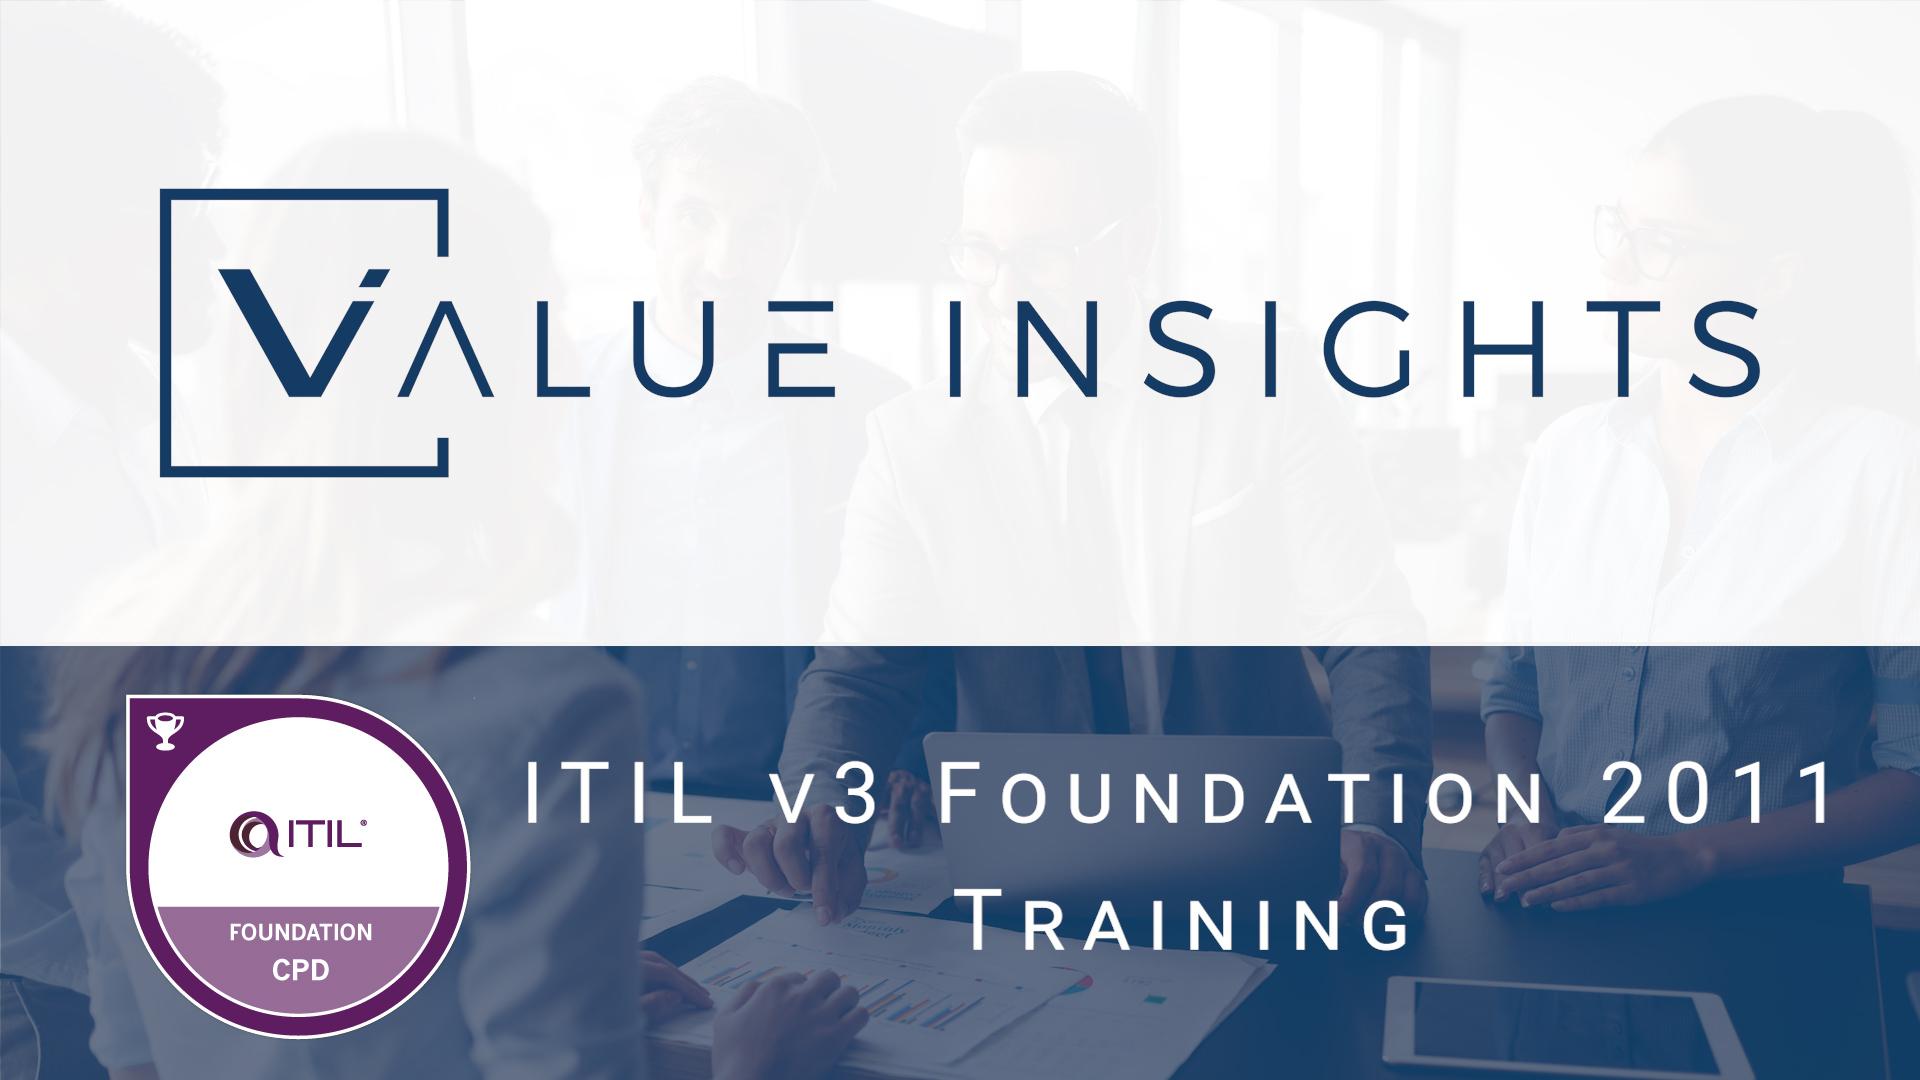 itil 3 foundation badge cpd transparent logo png